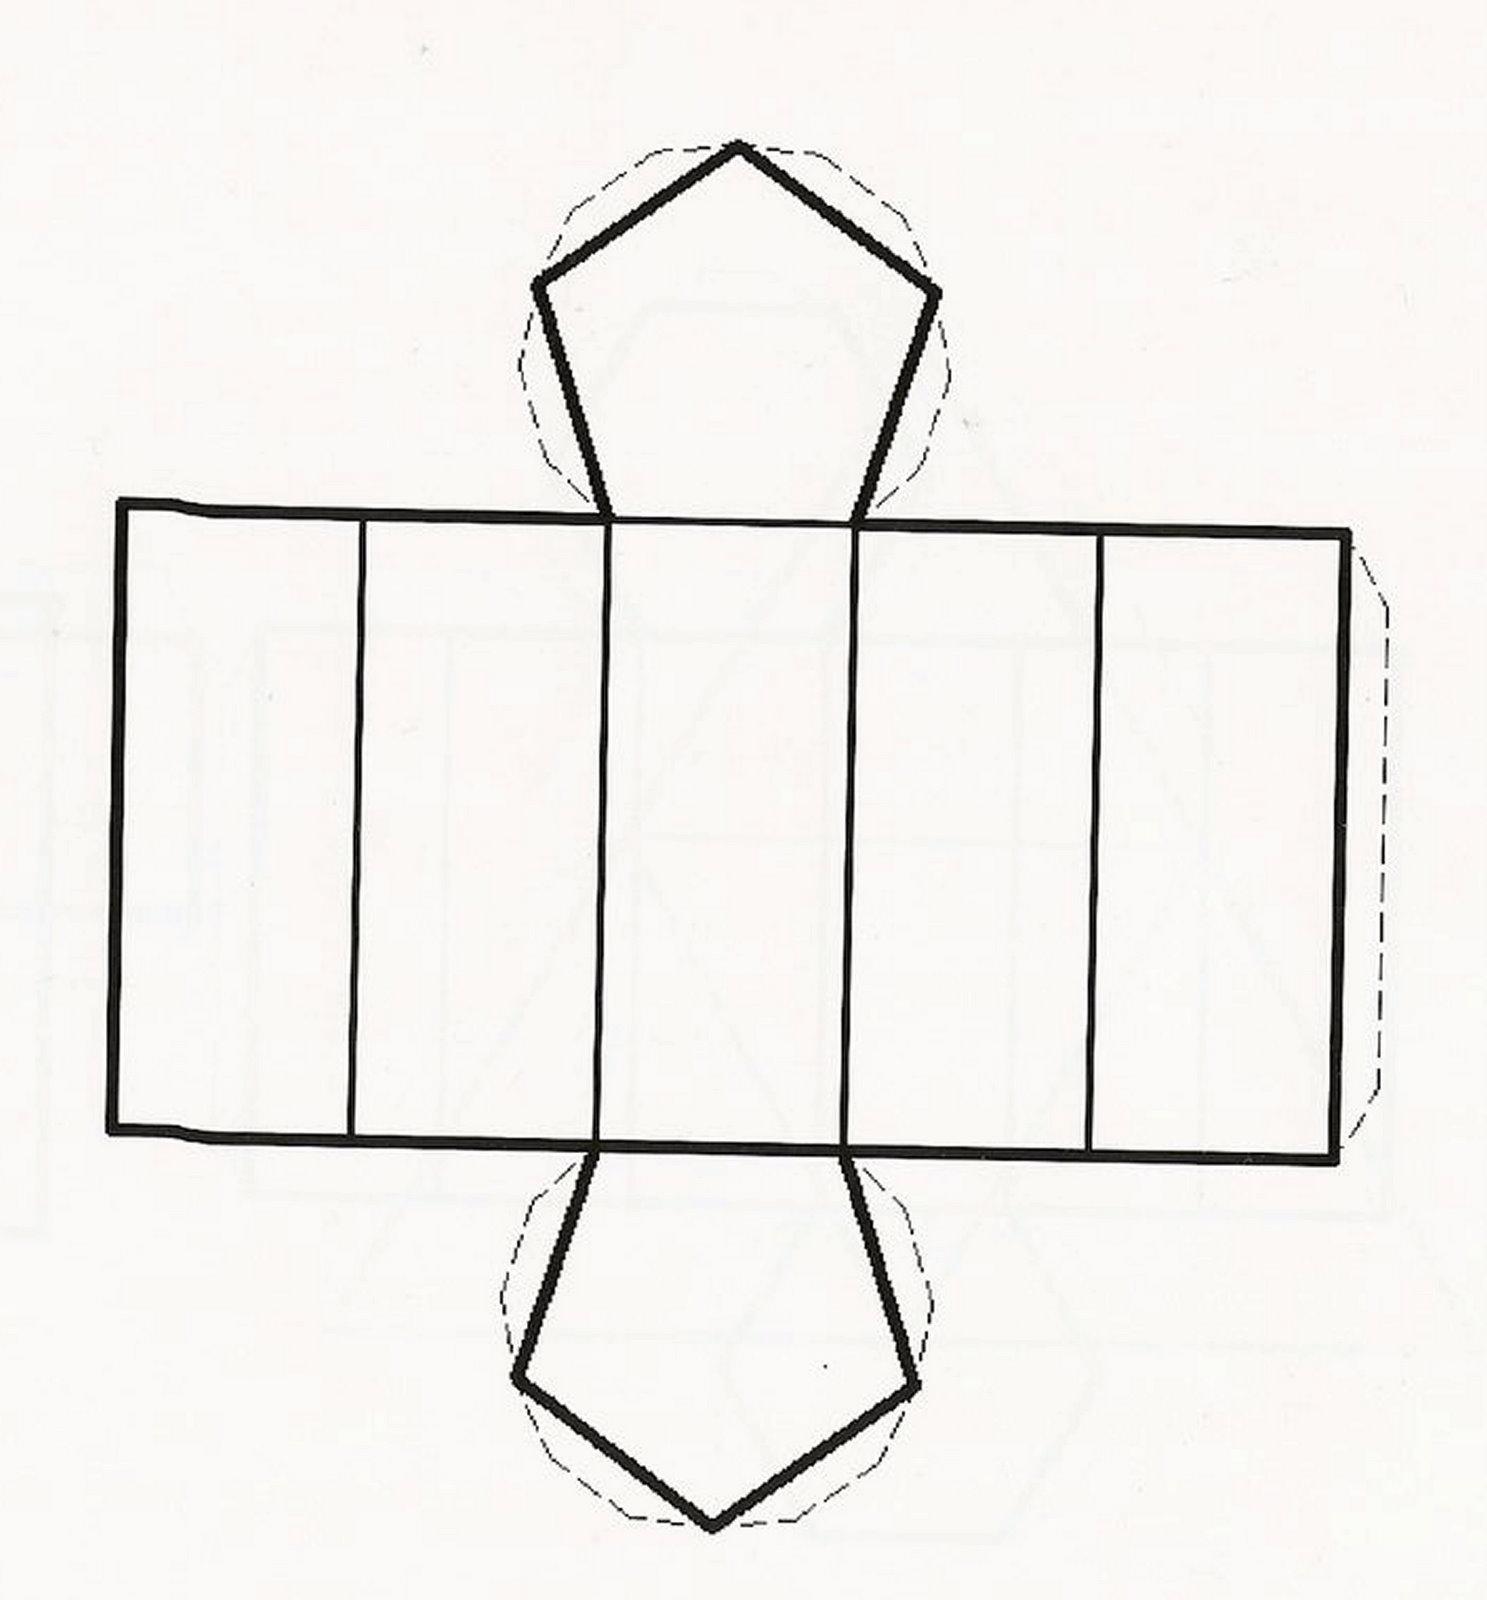 Как сделать треугольную призму из бумаги